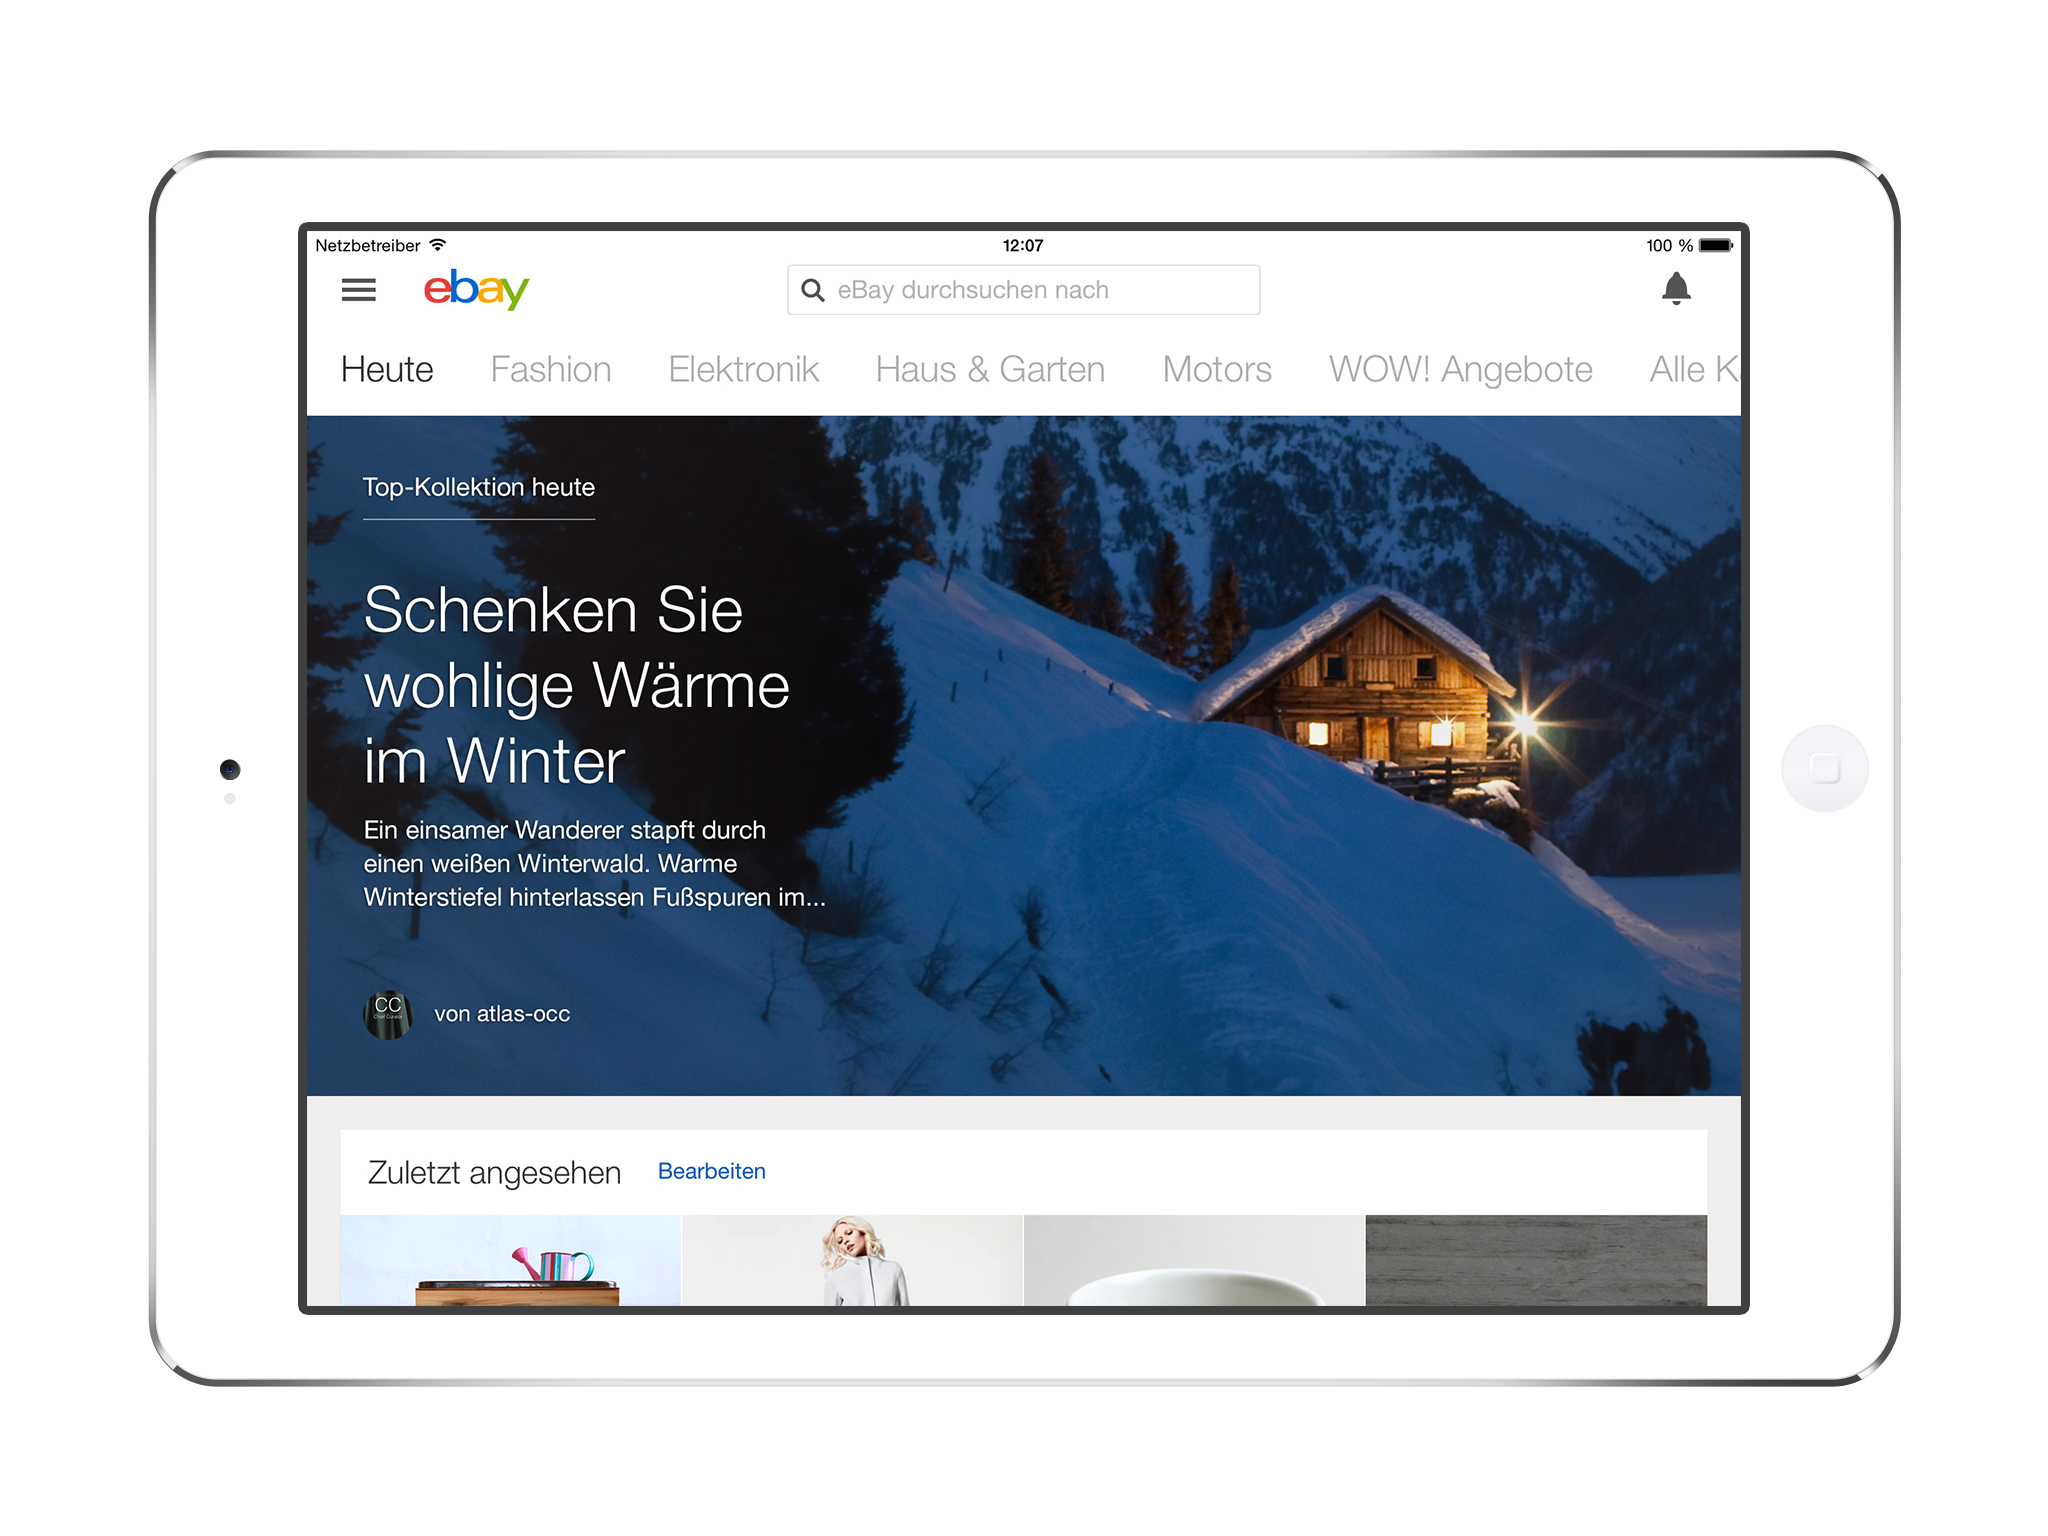 Weihnachtsshopping mit der neuen eBay iPad App - eBay Inc.